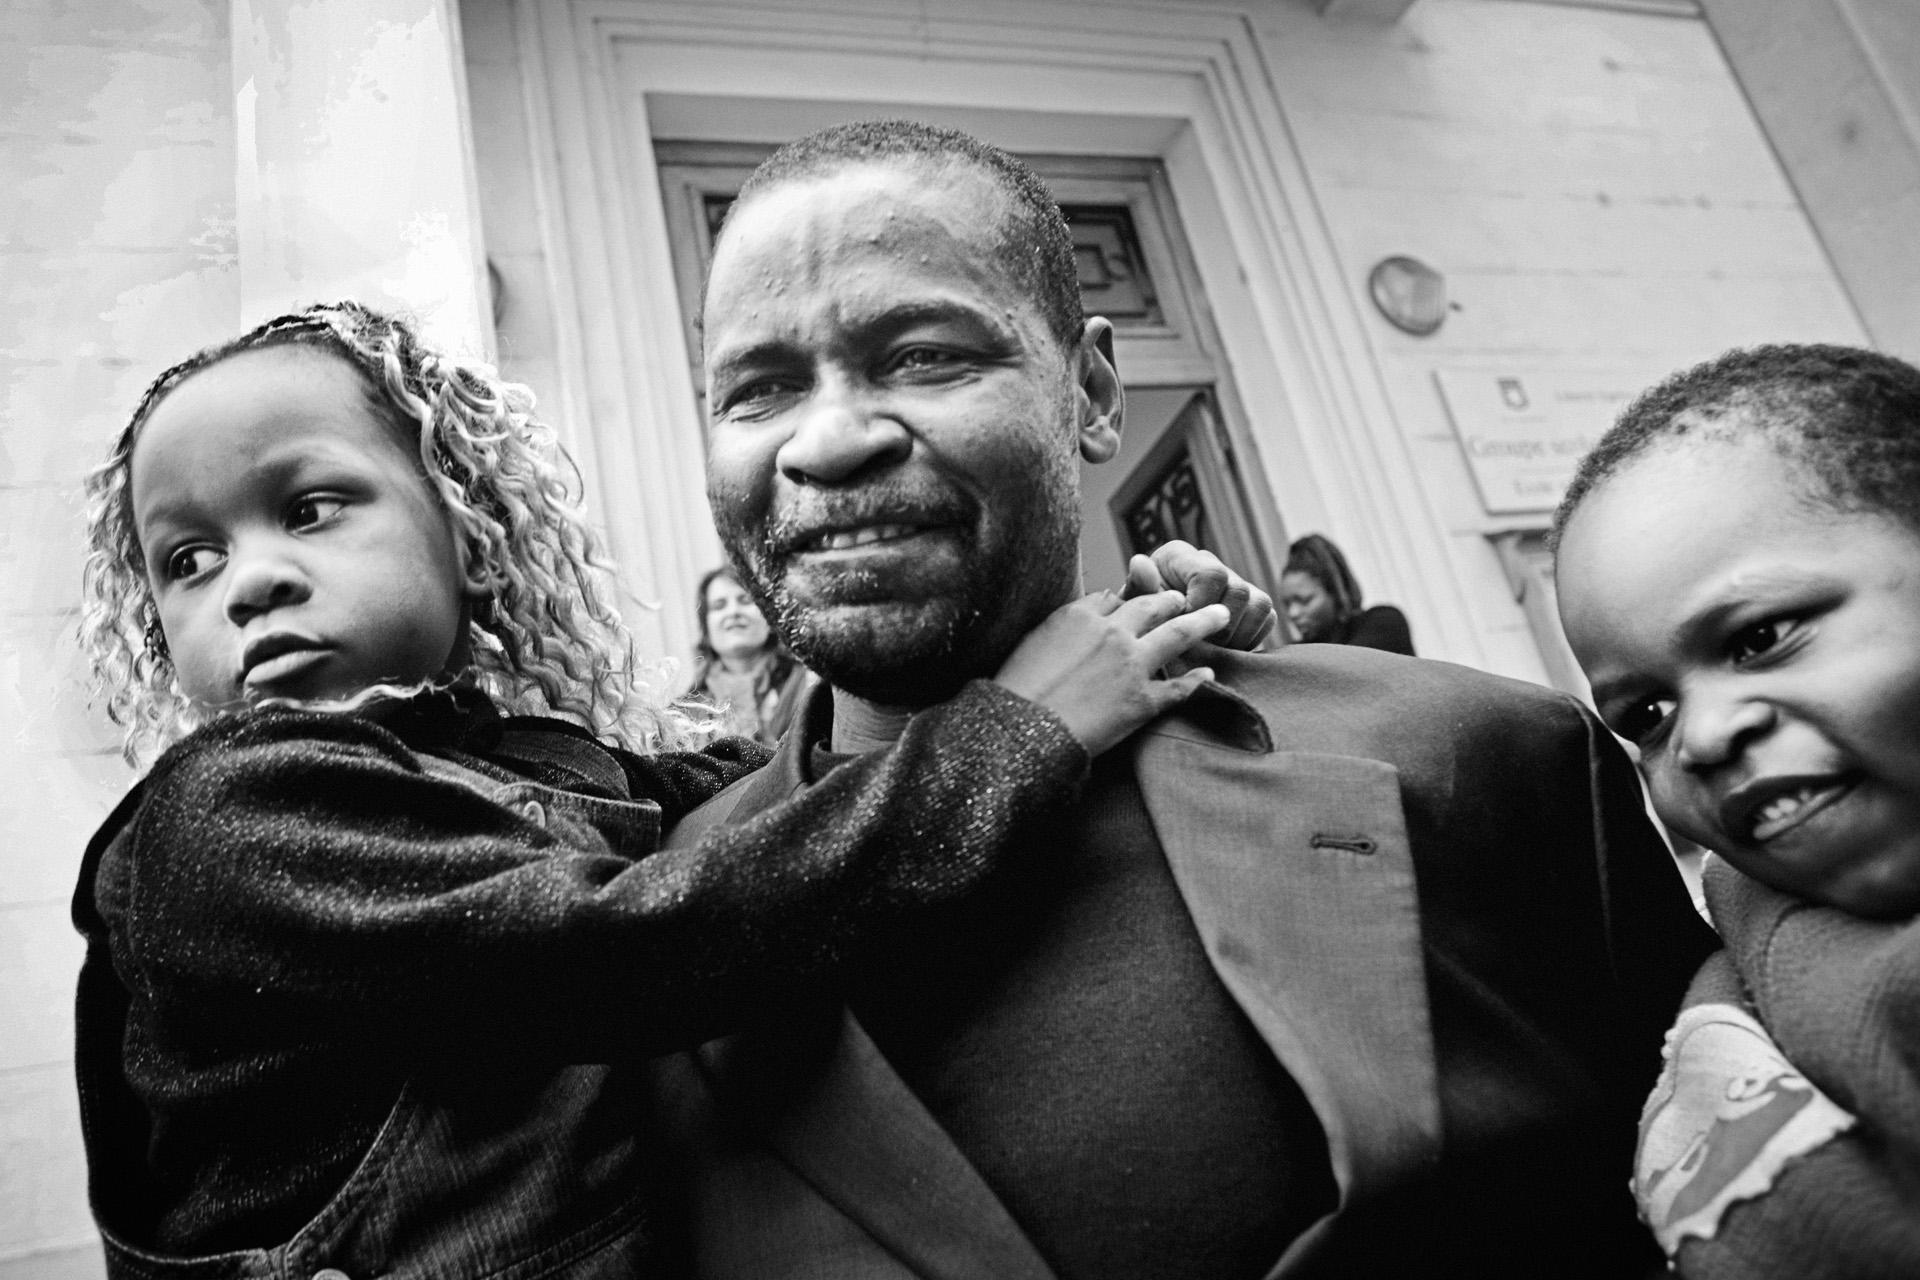 Lyon, le 9 avril 2010. Guilherme retrouve à la sortie de l'école ses enfants qu'il n'a pas vus depuis le 18 janvier, date de sa première interpellation suite à un contrôle d'identité. Le 31 janvier, il sera condamné à deux mois de prison ferme pour refus d'embarquement lors de la première tentative d'expulsion.